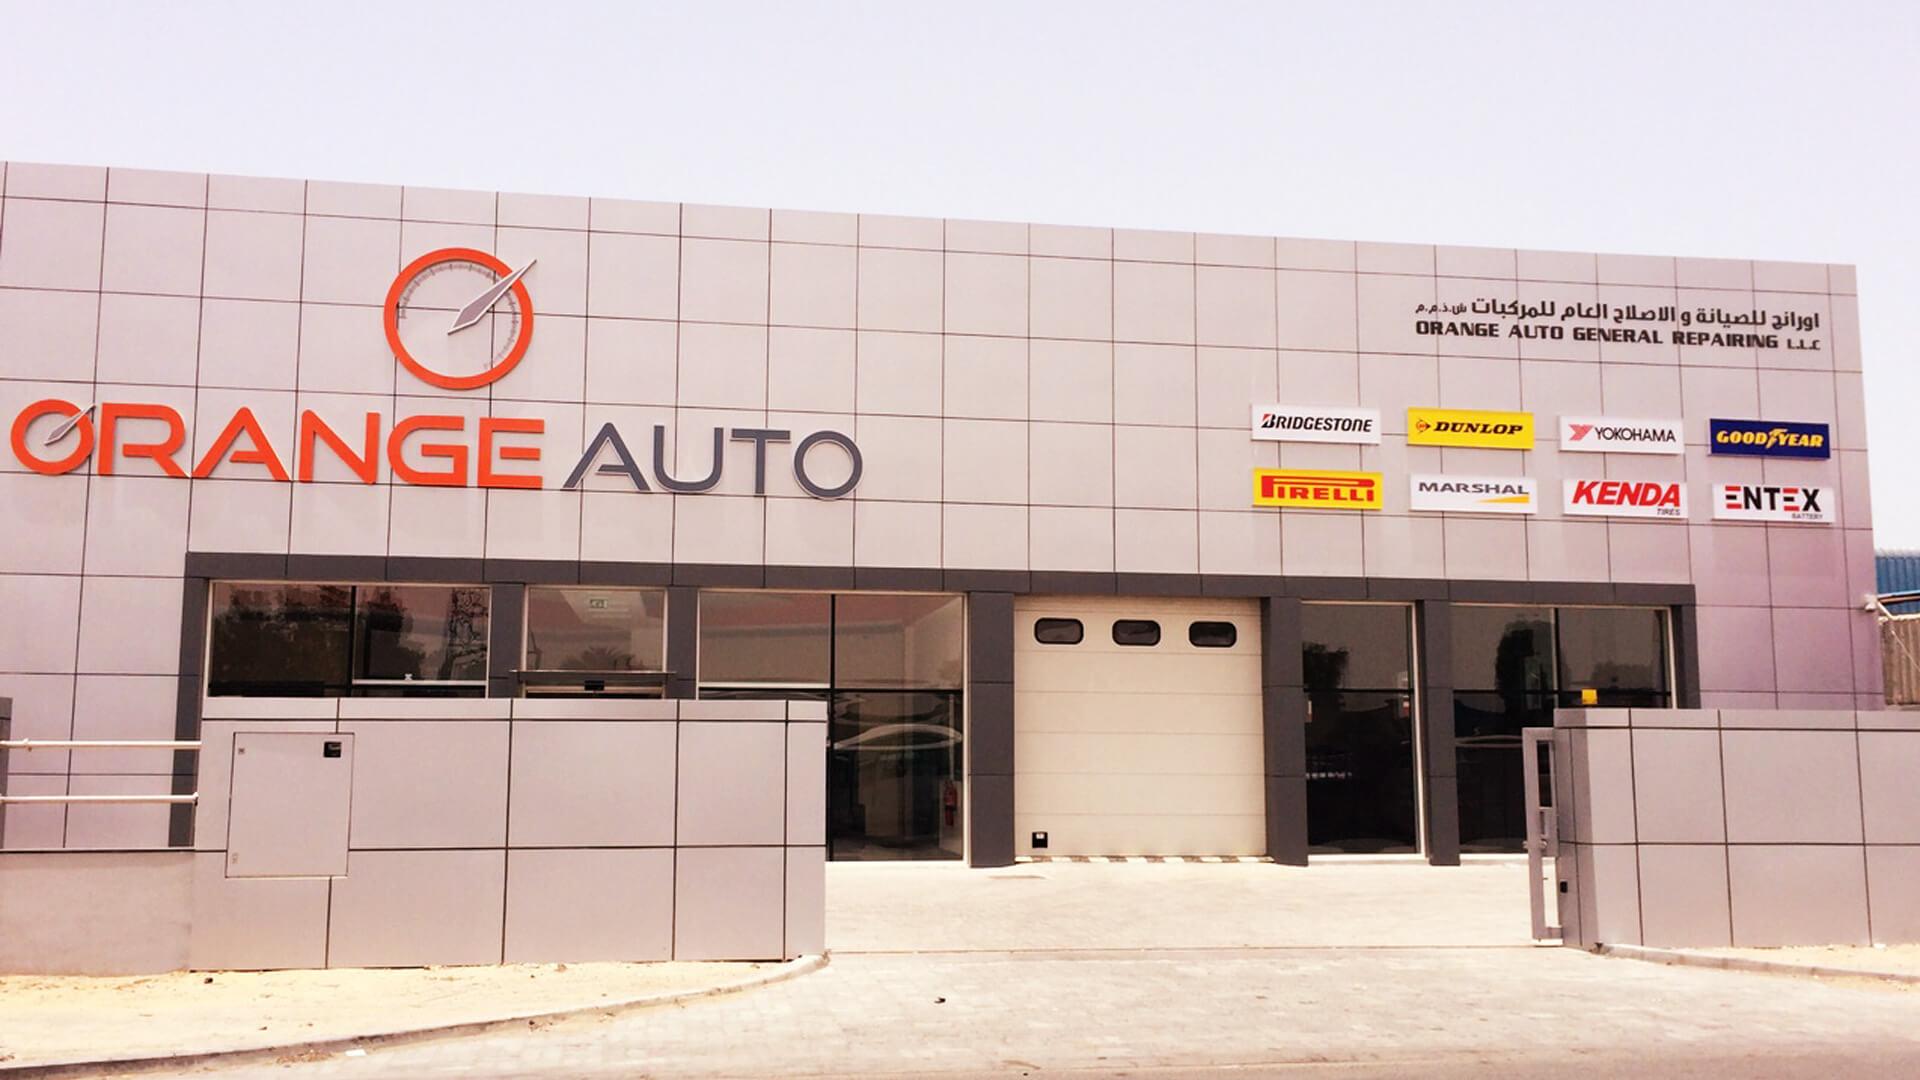 Orange auto store front